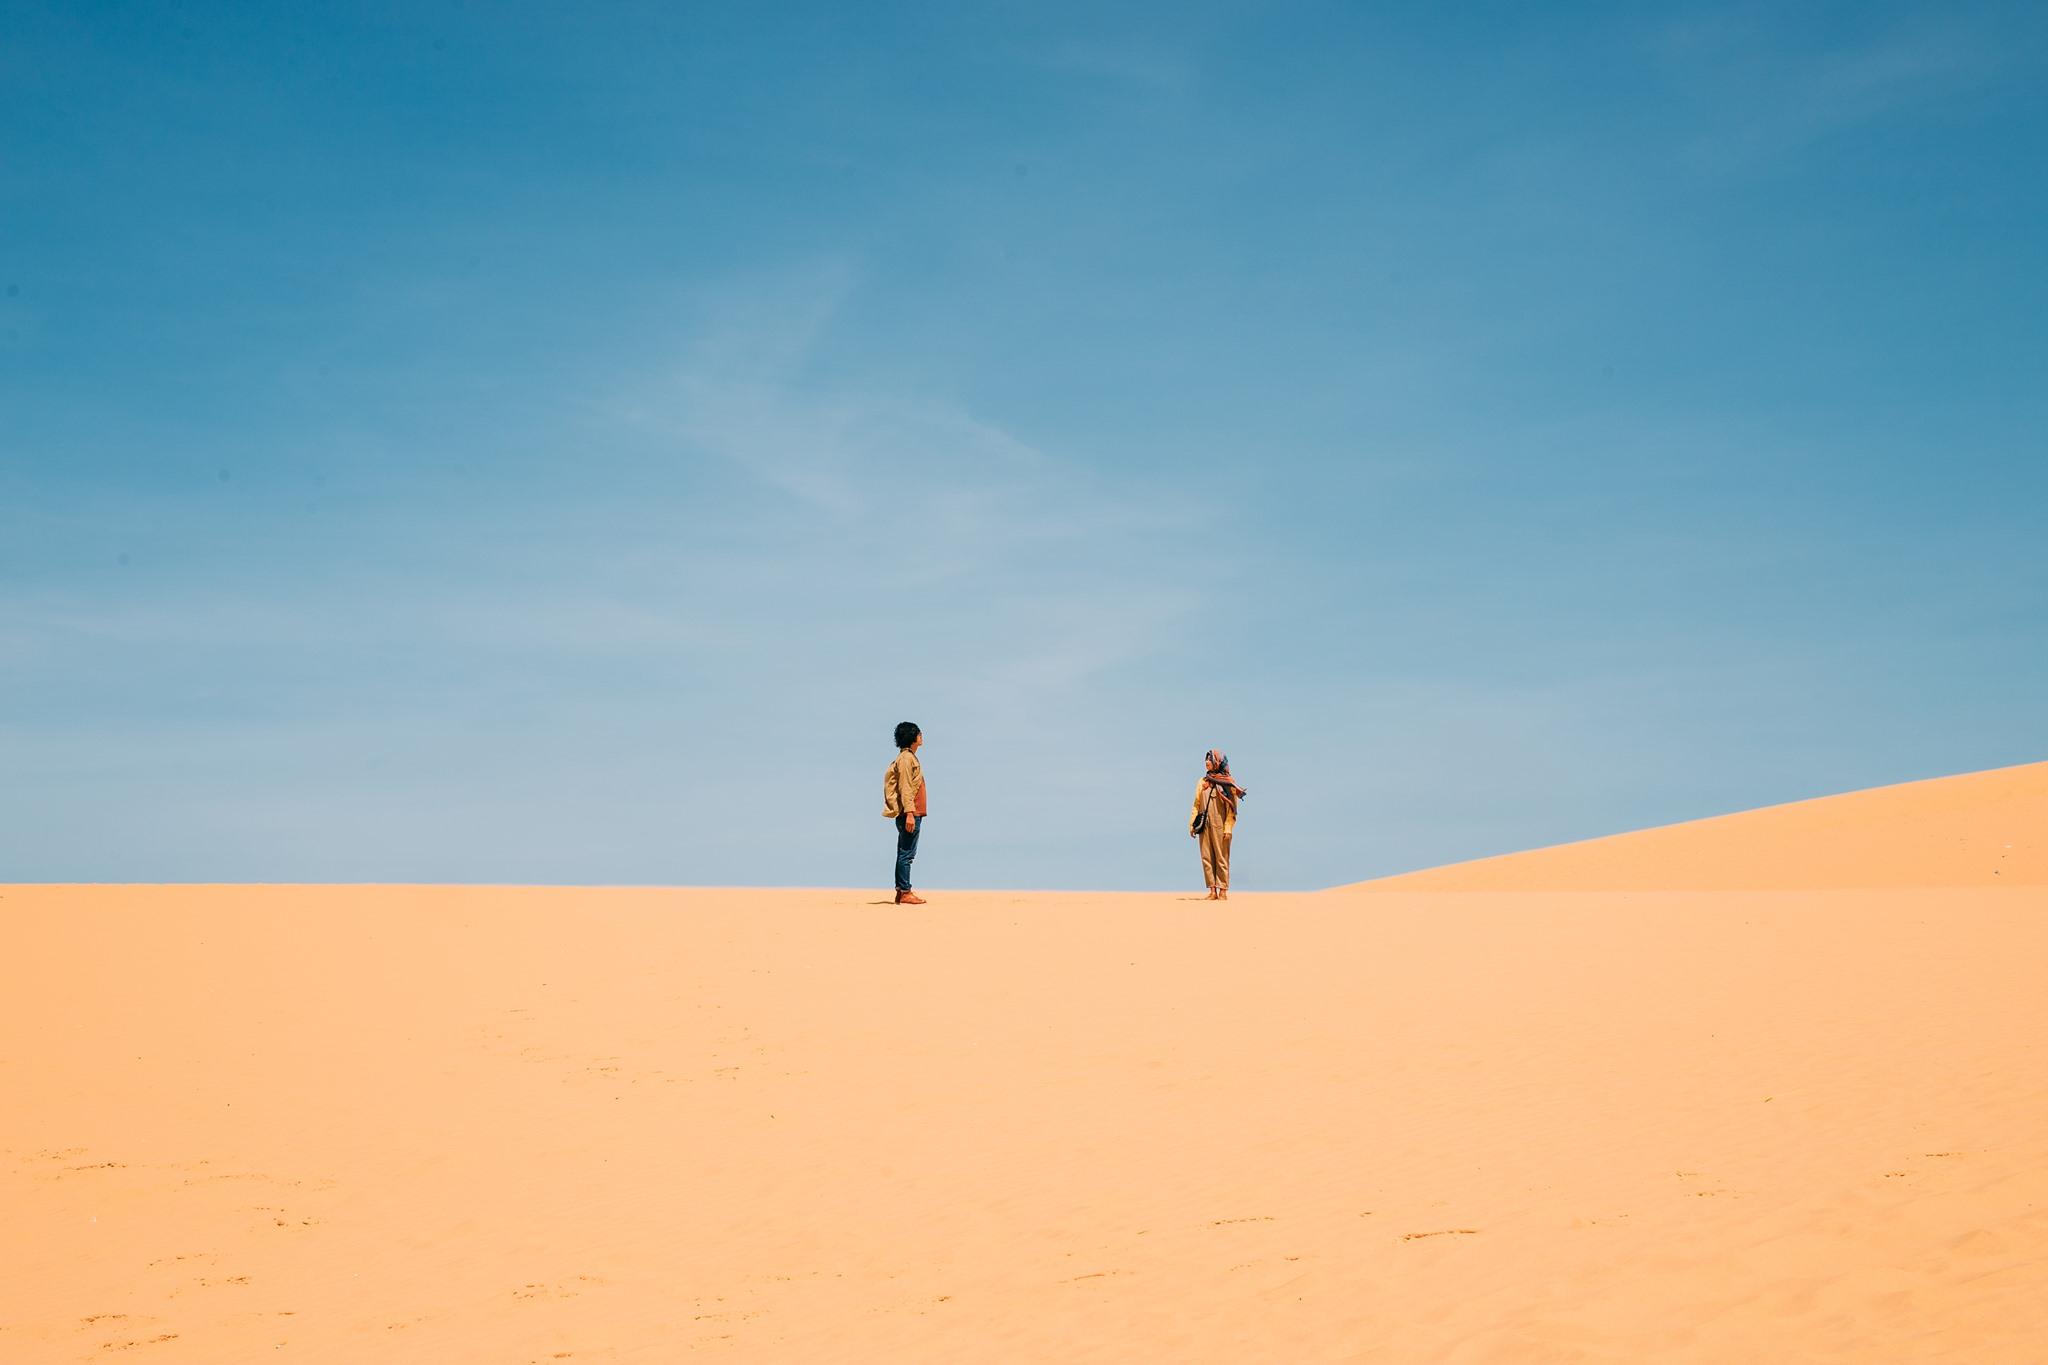 """Đến Bàu Trắng Bình Thuận, khám phá """"tiểu Sahara"""" ấn tượng của dải đất miền Trung  - Ảnh 5."""